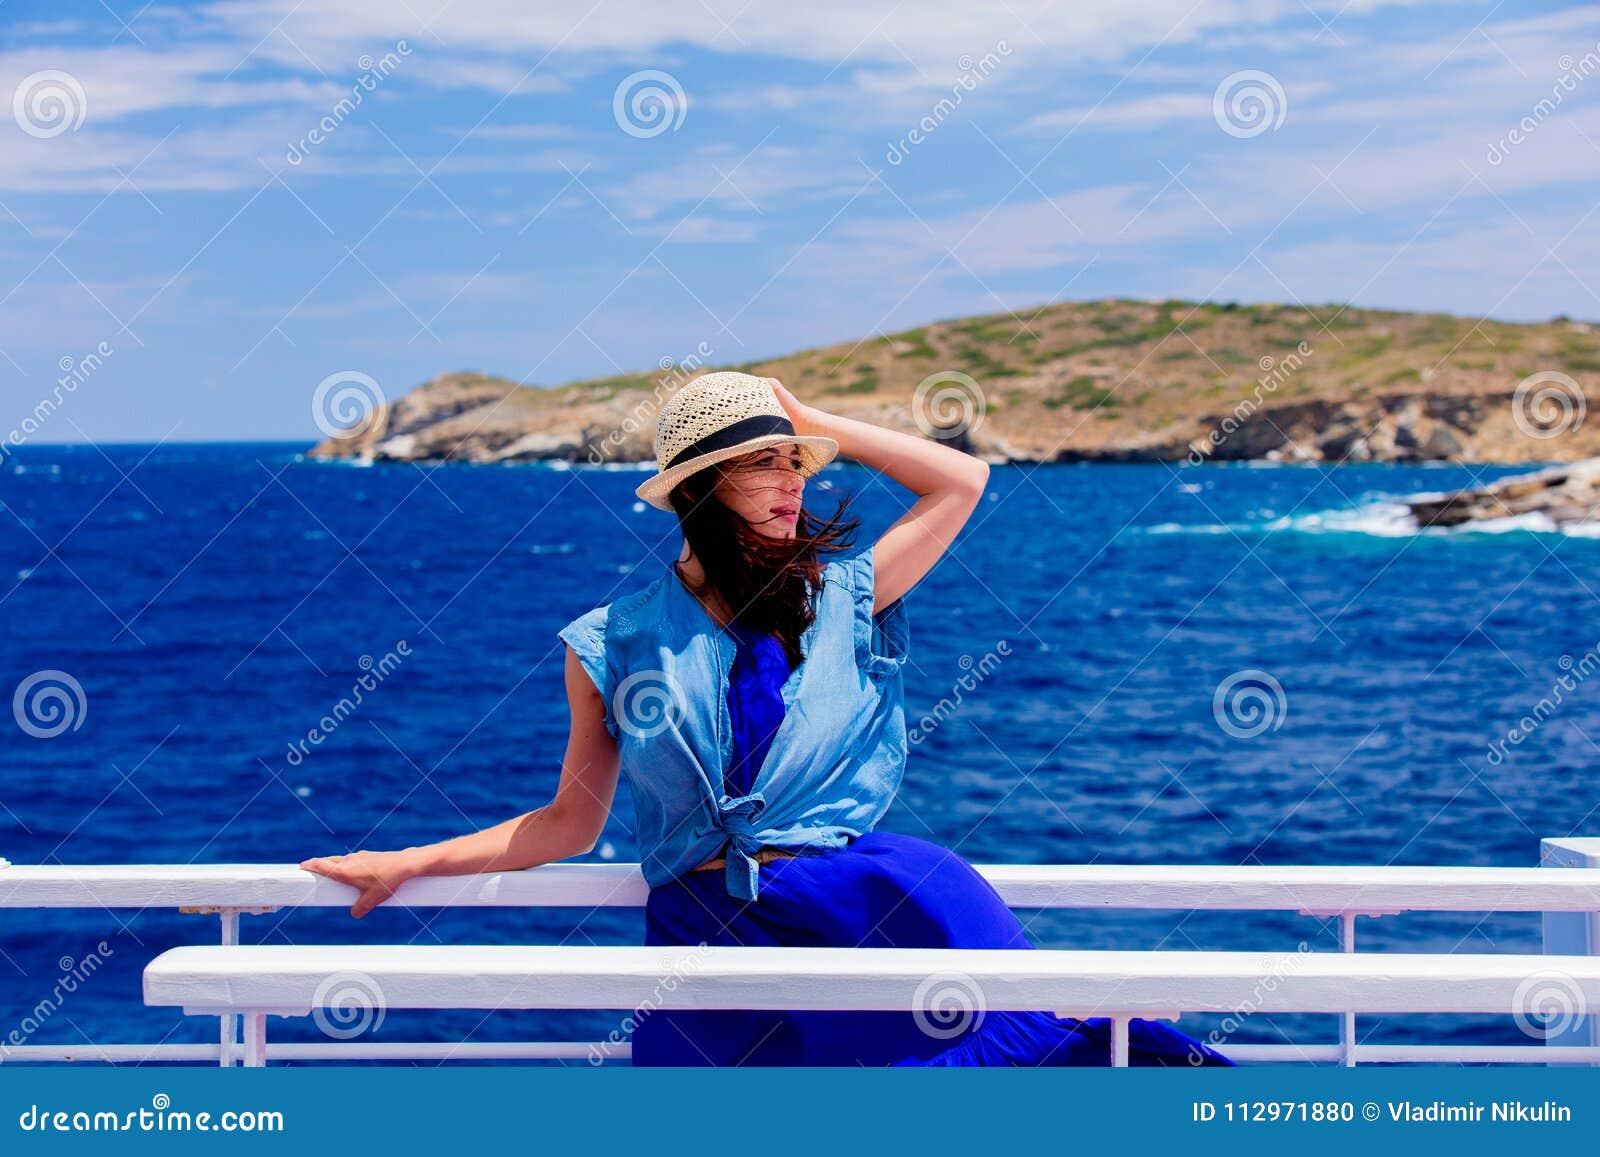 Mädchen im blauen Kleid und Hut haben eine Reise auf einem Boot